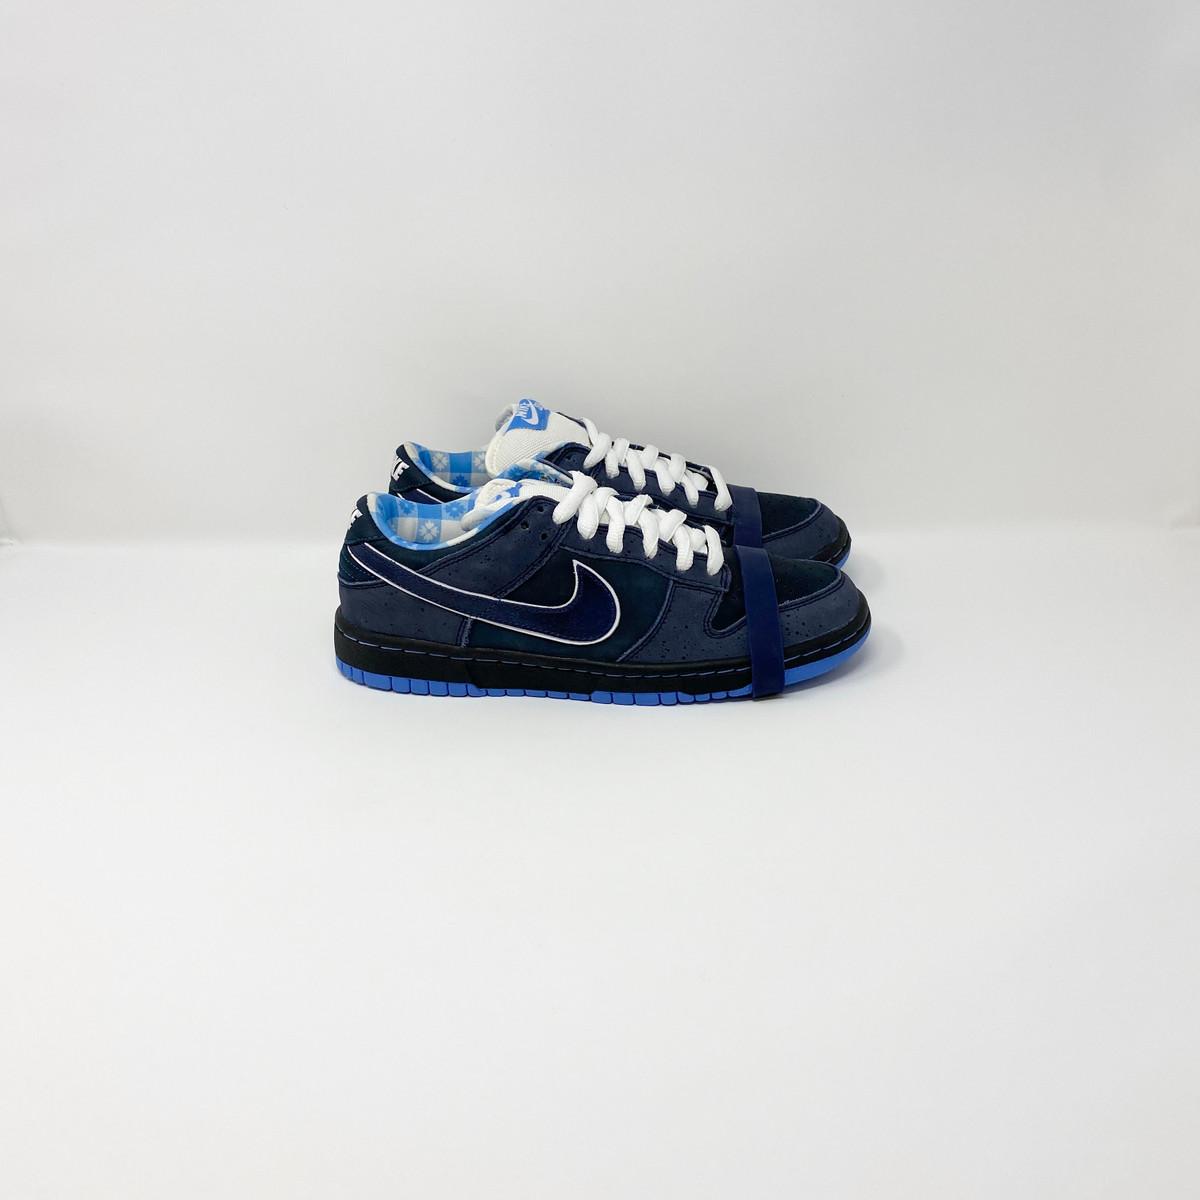 Nike Dunk Low Prem SB Blue Lobster